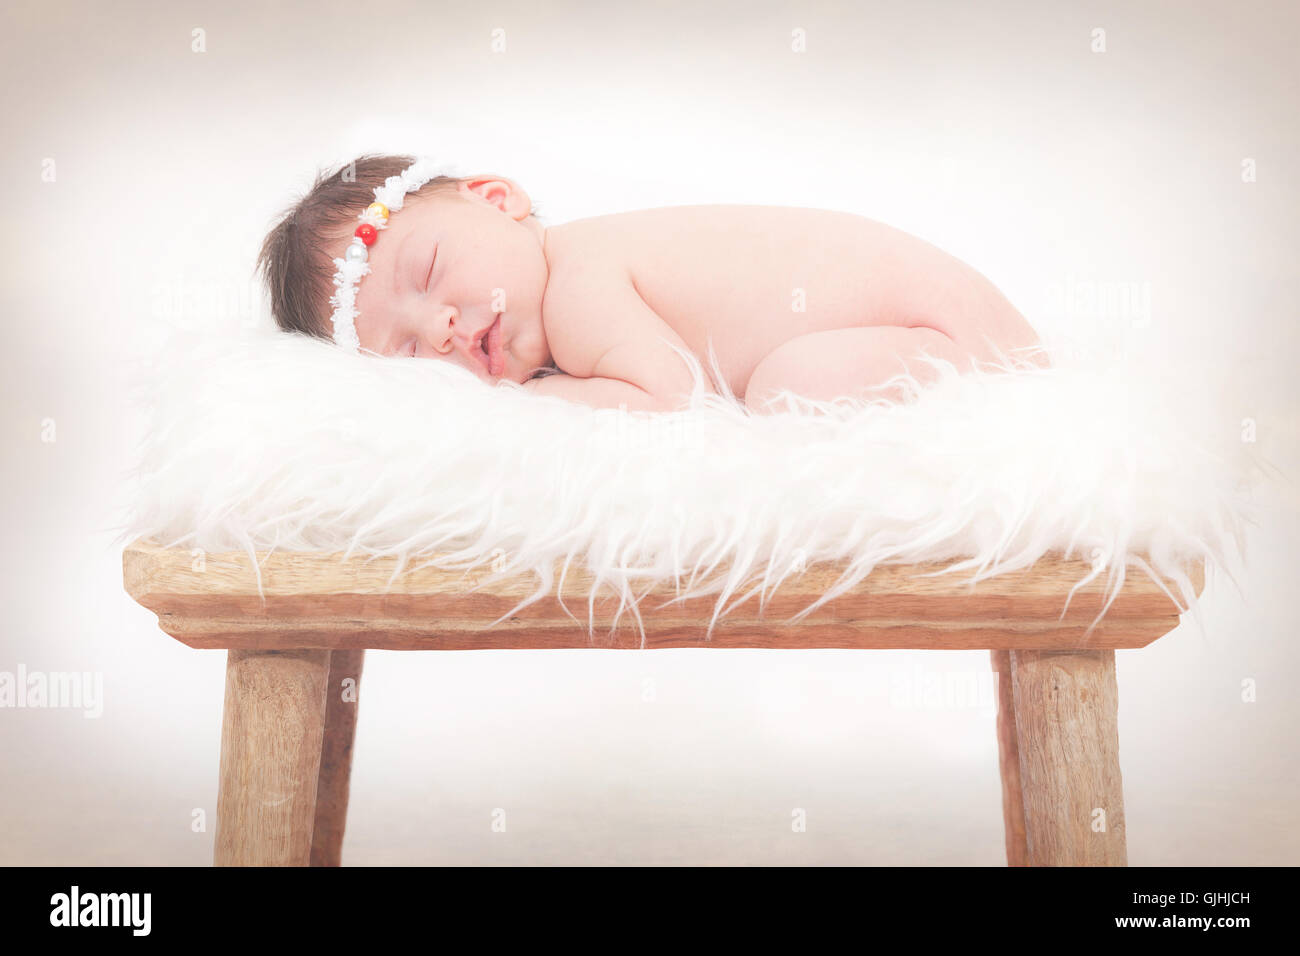 Portrait d'un bébé nouveau-né fille dormir sur un tapis moelleux Banque D'Images